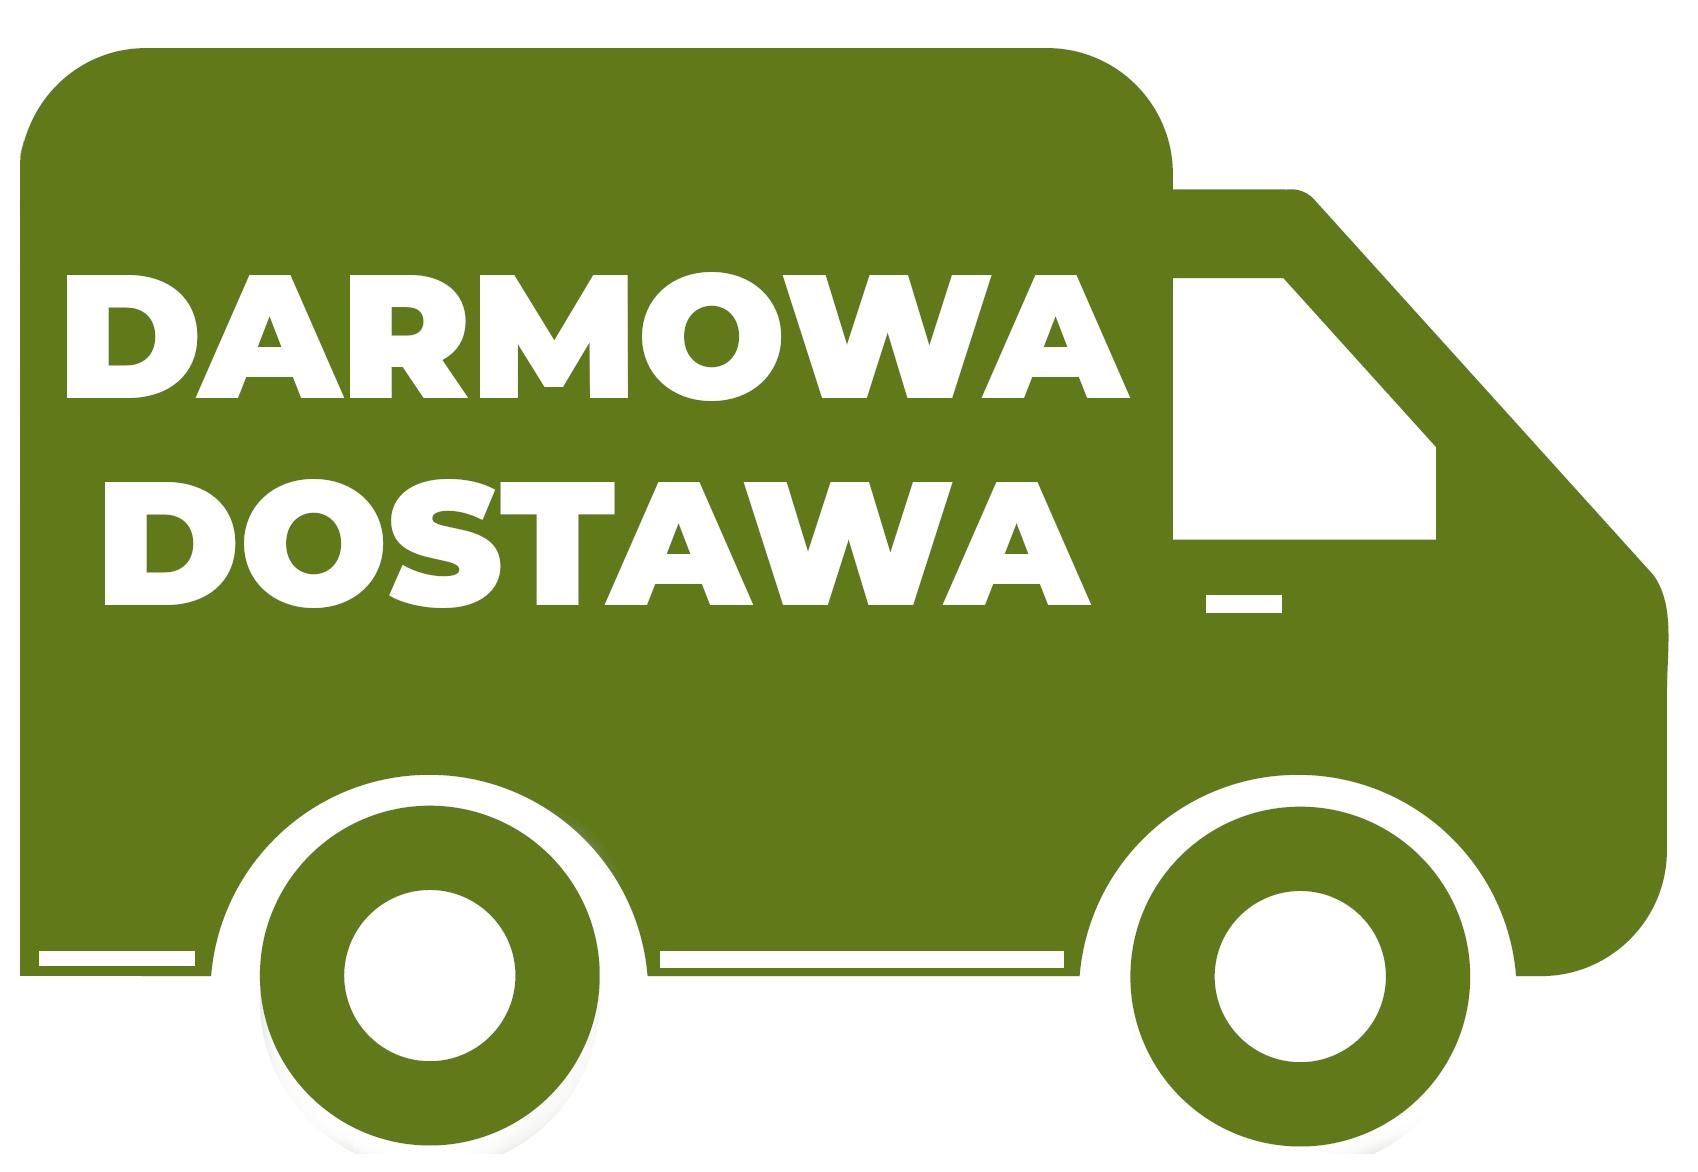 Darmowa dostawa Aktywatory.pl